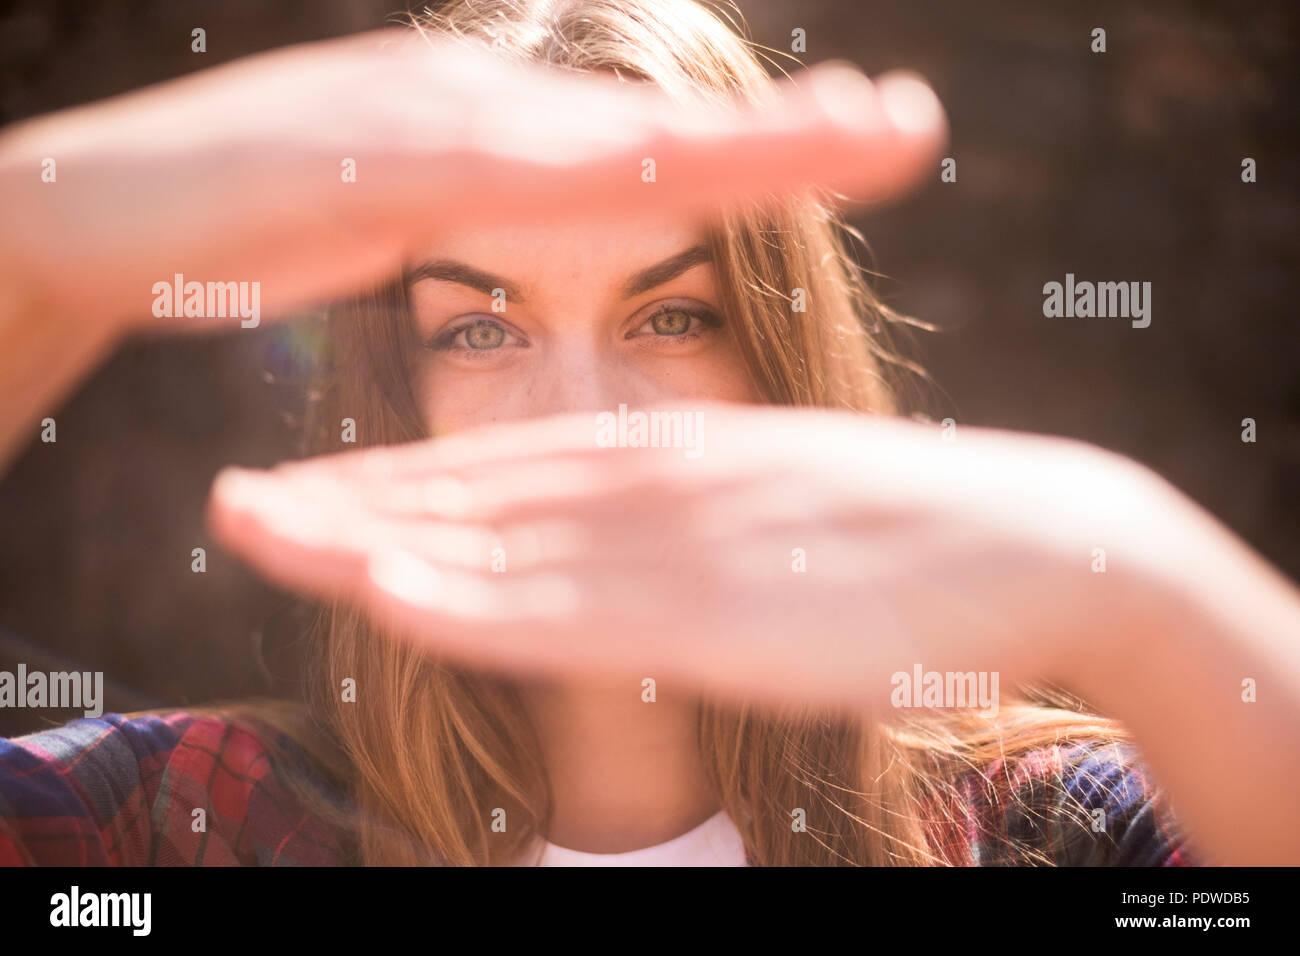 Sunny retrato de bella modelo caucásicos con ojos azules con luz de fondo con las manos delante de su cara oculta la boca de desenfoque bokeh backgroun. Imagen De Stock